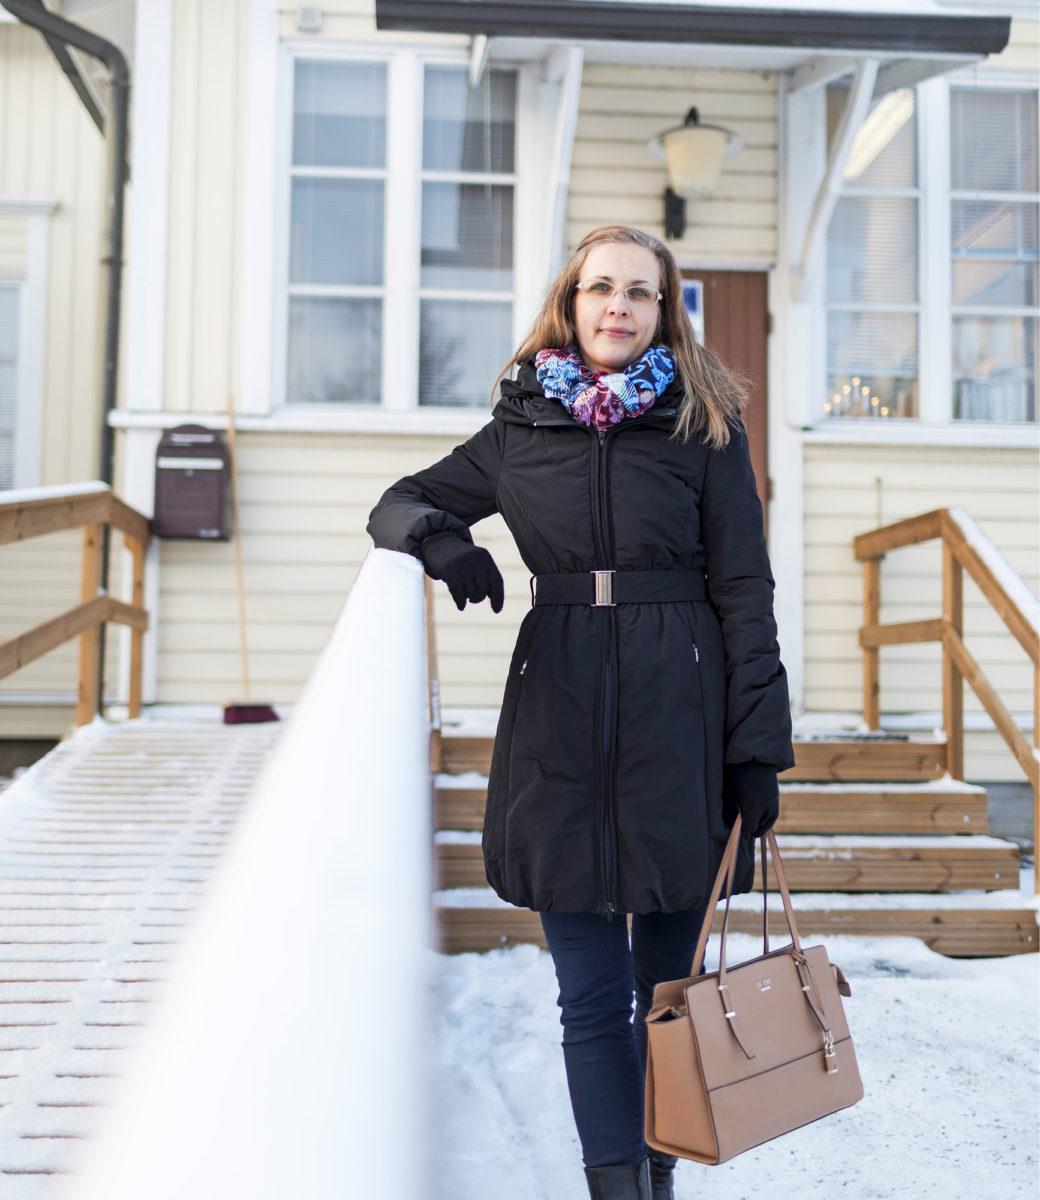 Puolitoista vuotta Vesilahden kunnan palveluksessa on opettanut talouspäällikkö Sinikka Rantamäelle, miksi julkinen palvelutuotanto vaikuttaa usein kankealta ja byrokraattiselta.- Palveluiden kilpailuttaminen vie aikaa ja on hankalaakin, hän sanoo.